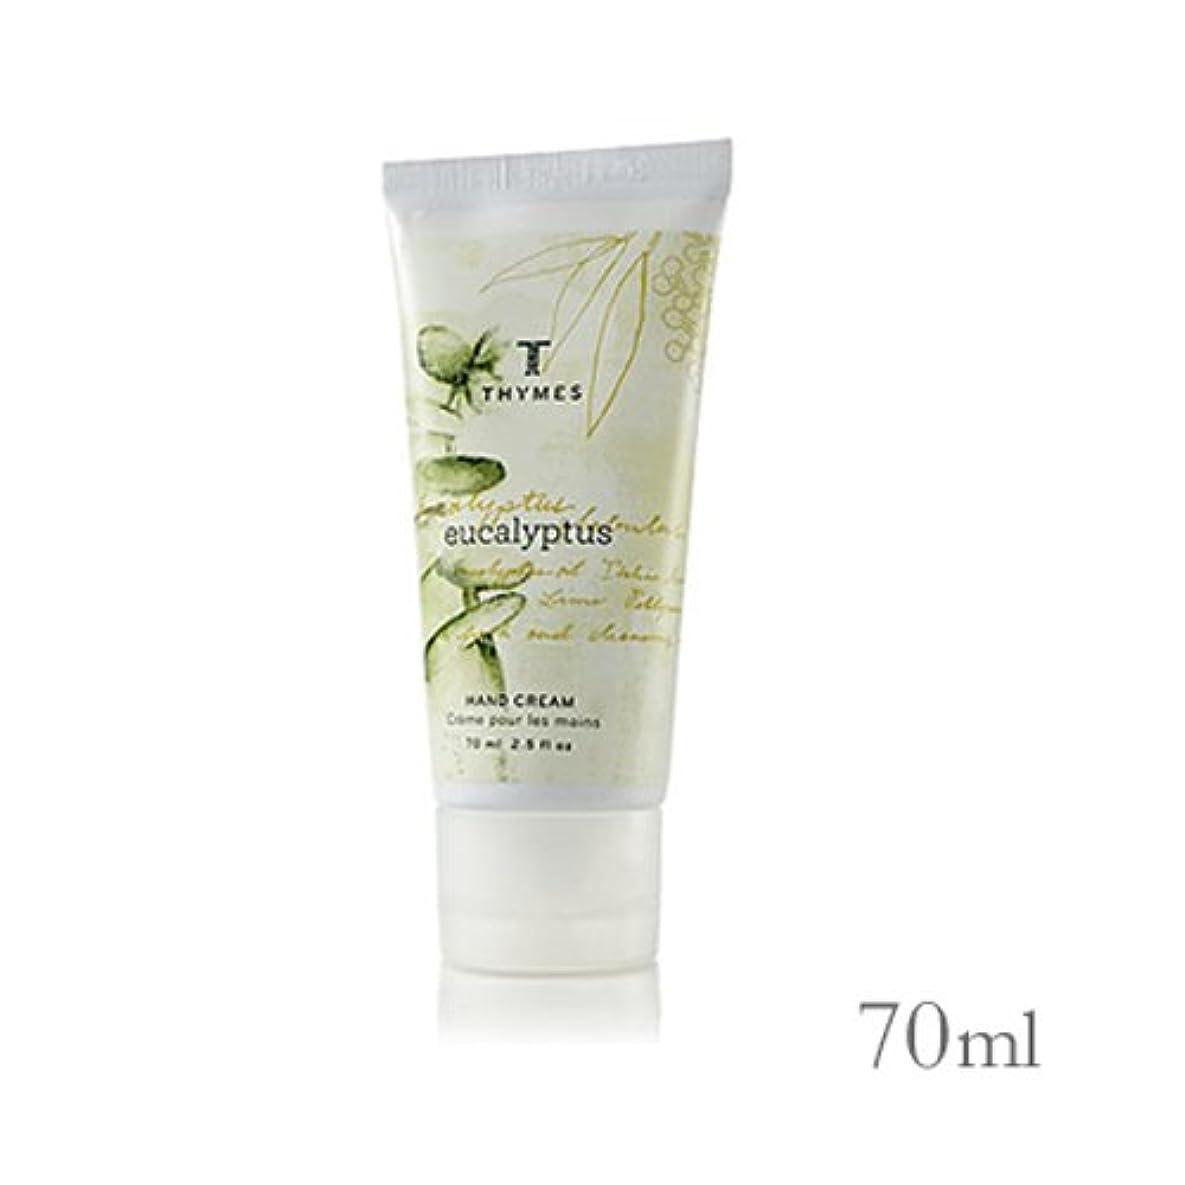 冊子輝度偽善THYMES タイムズ ハンドクリーム 70ml ユーカリ Hand Cream 2.5 fl oz Eucalyptus [並行輸入品]